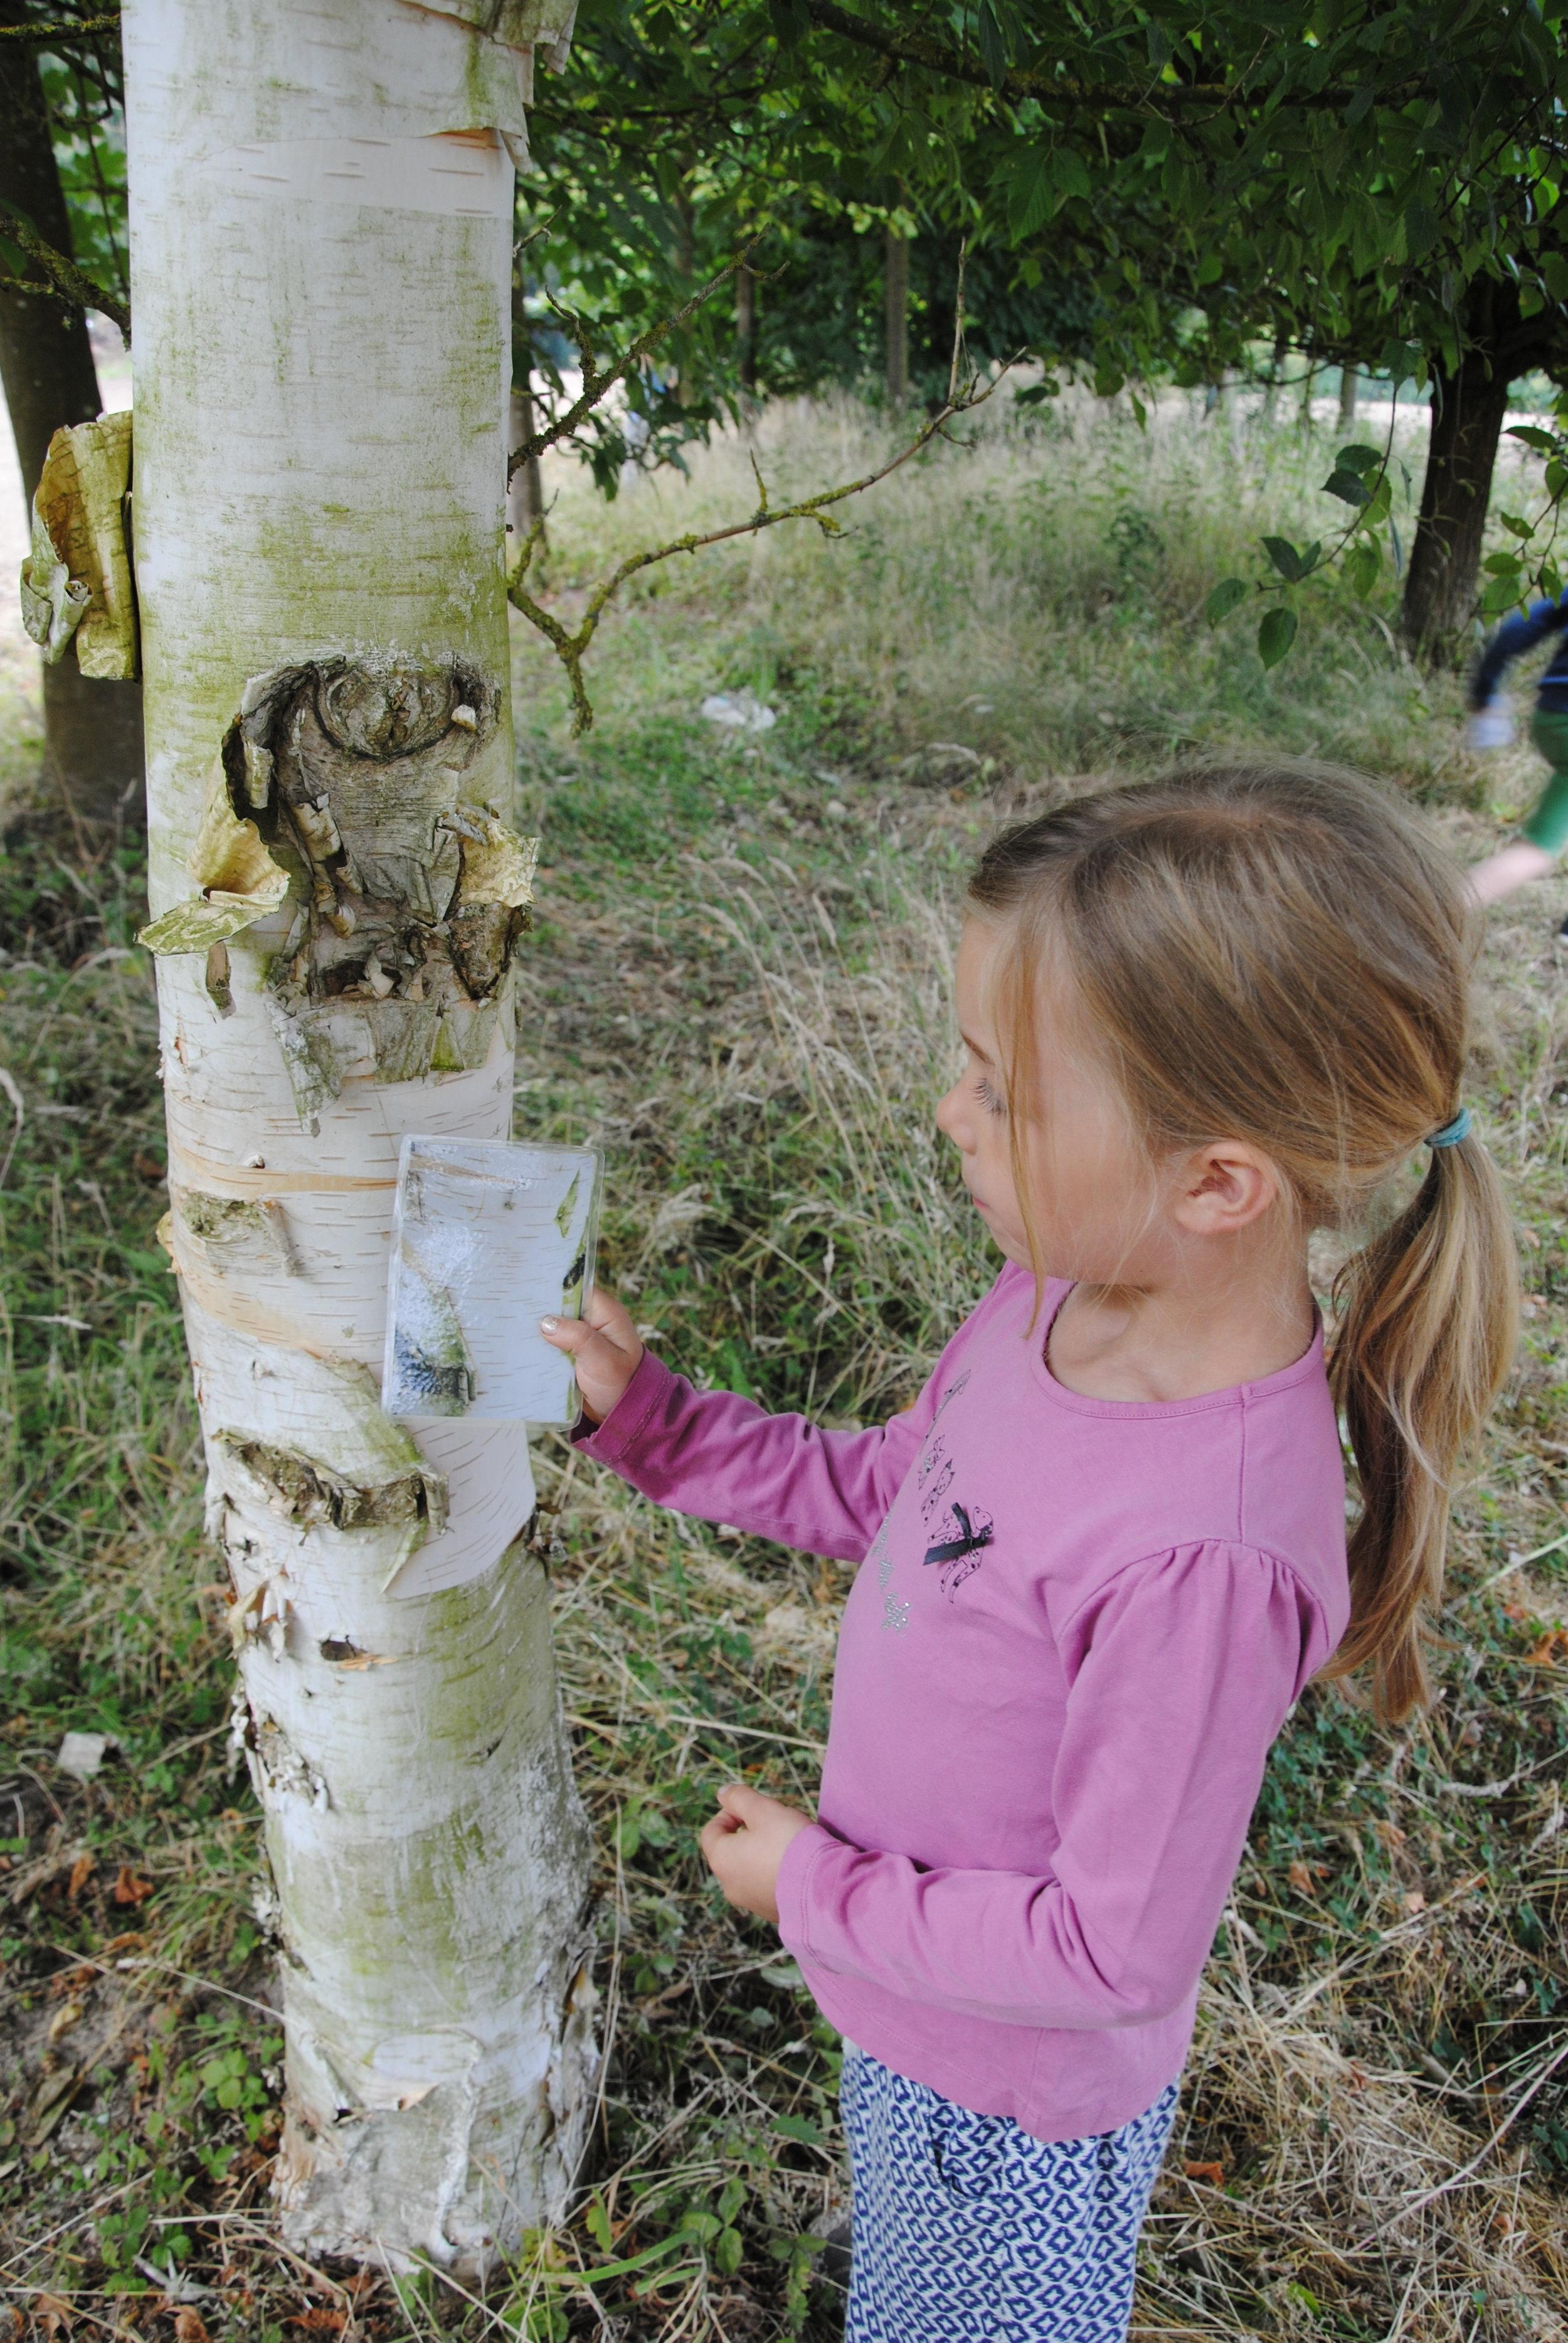 photo-ferme-ecologie-belgique-bio-pedagogie-permaculture-enfants-nature.JPG